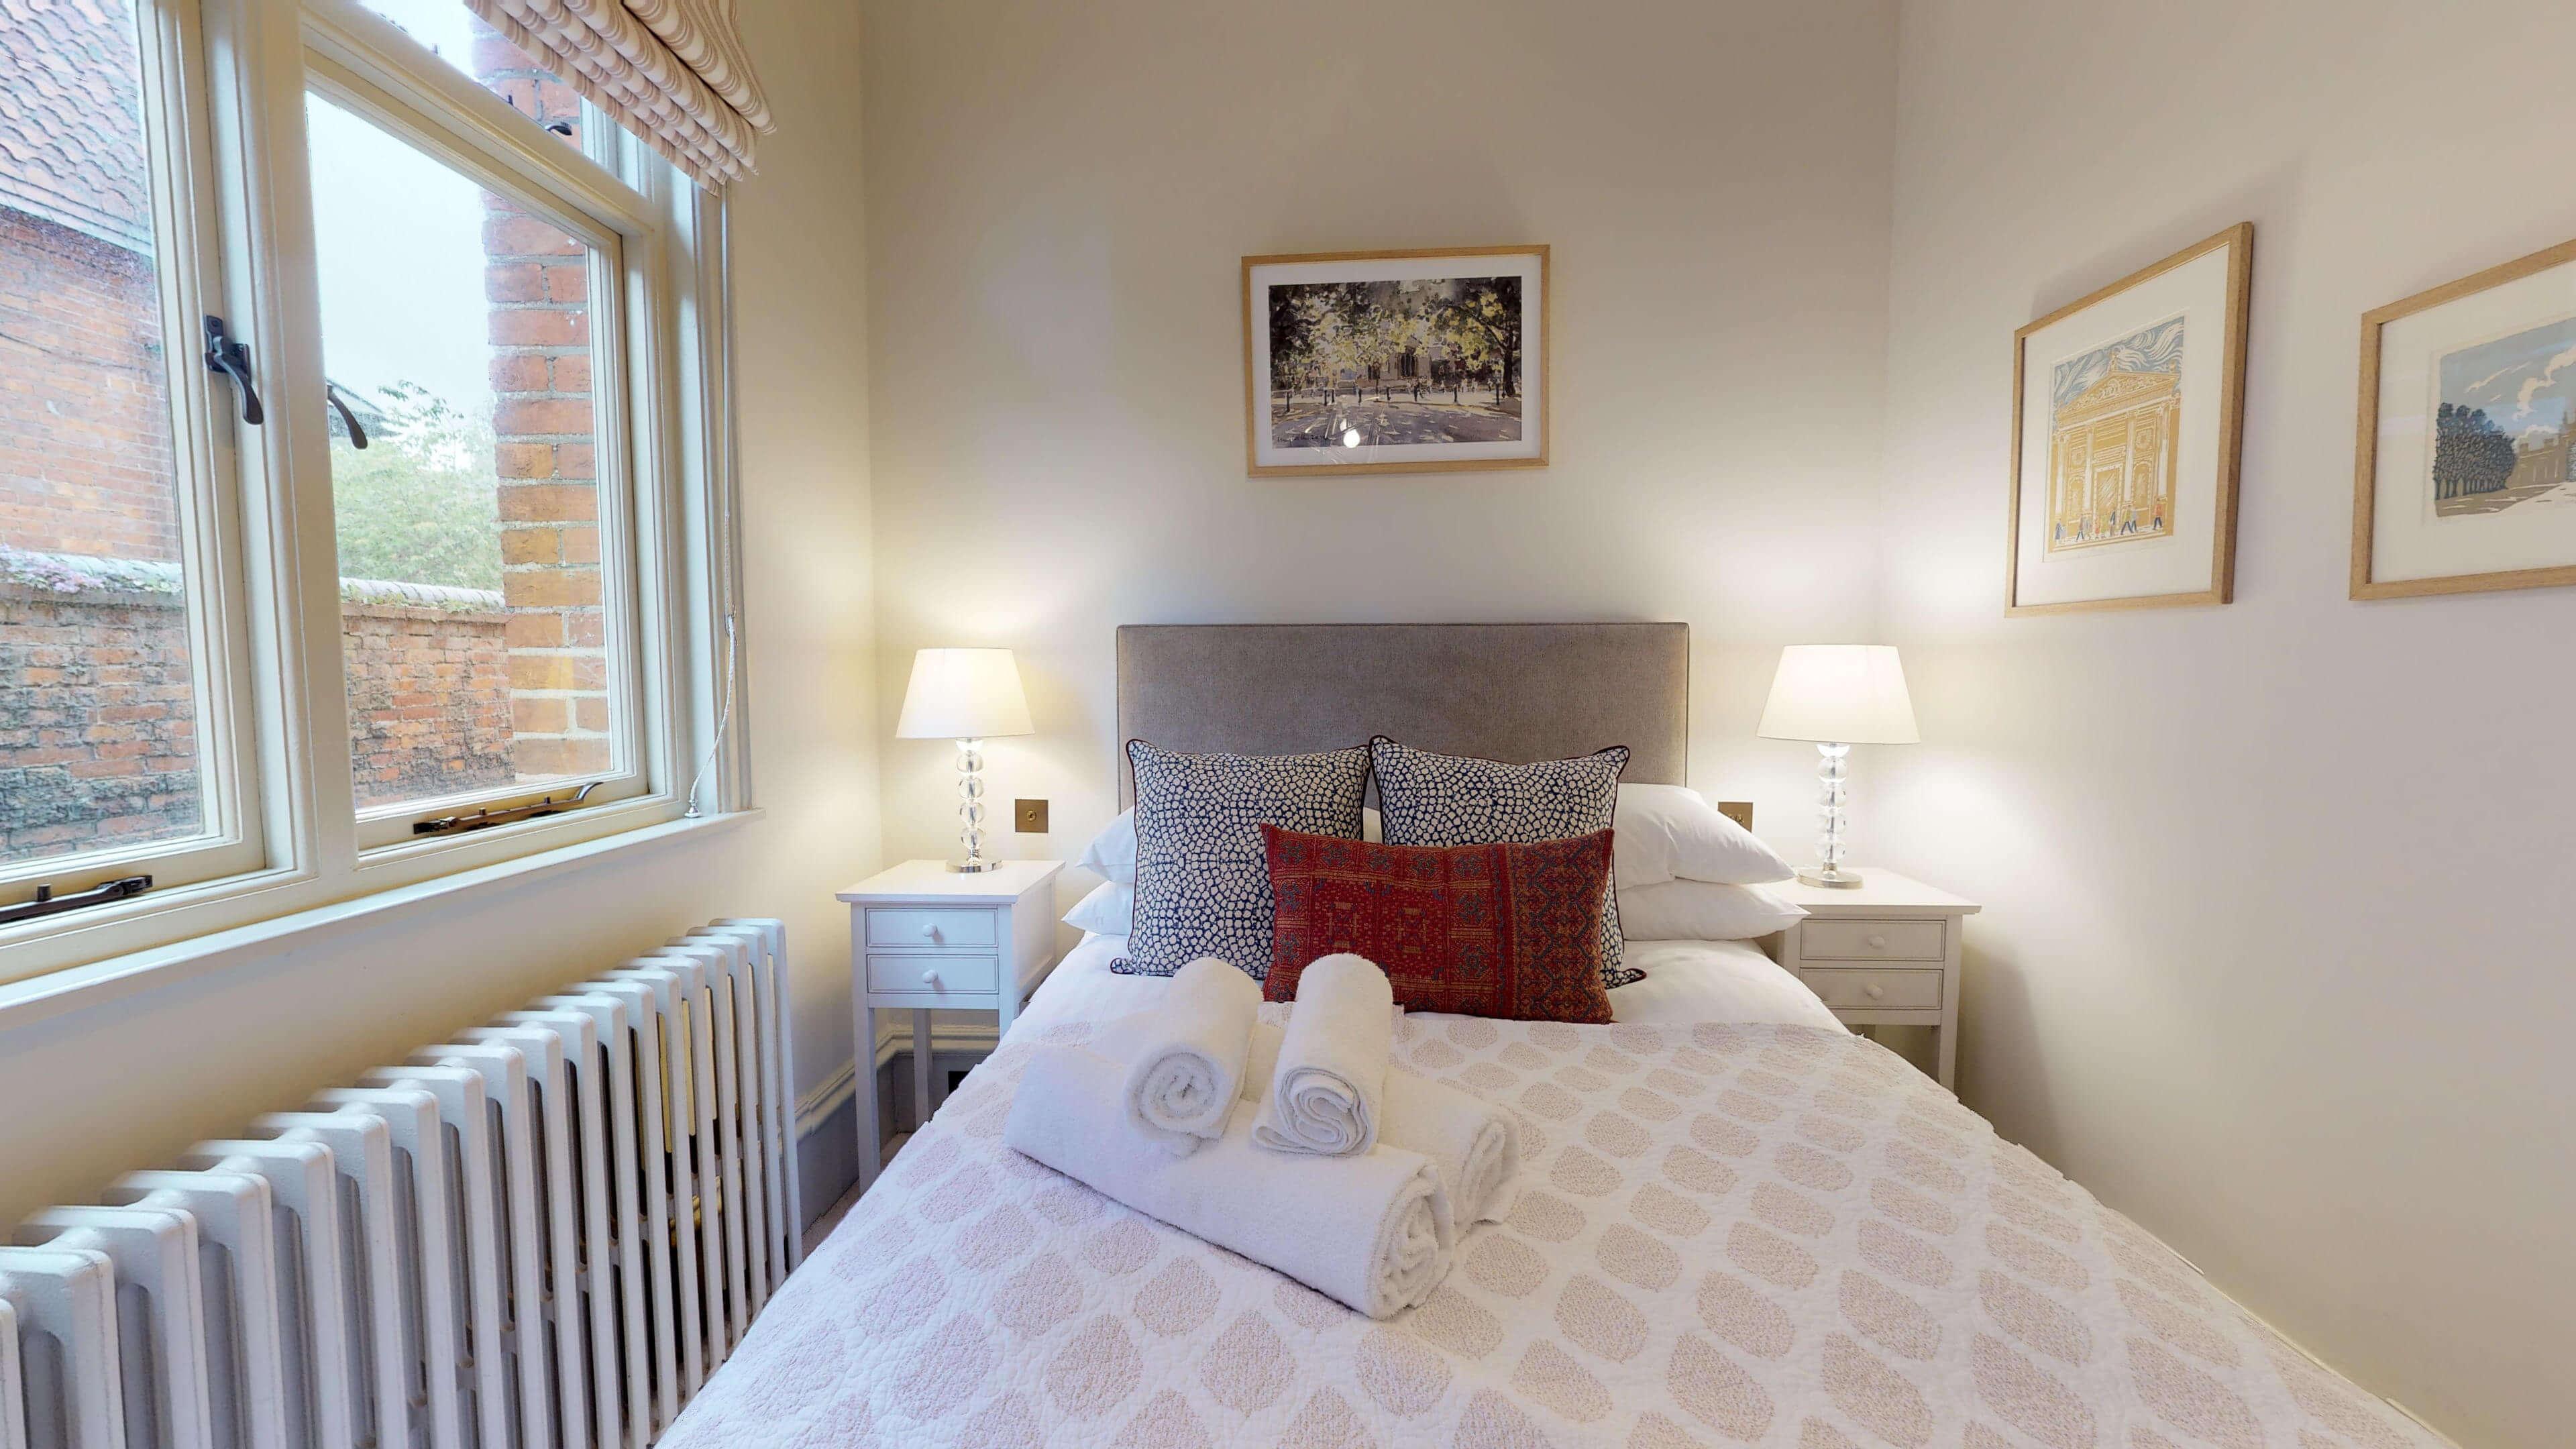 Rawlinson Road Garden Suite 06272019 082250